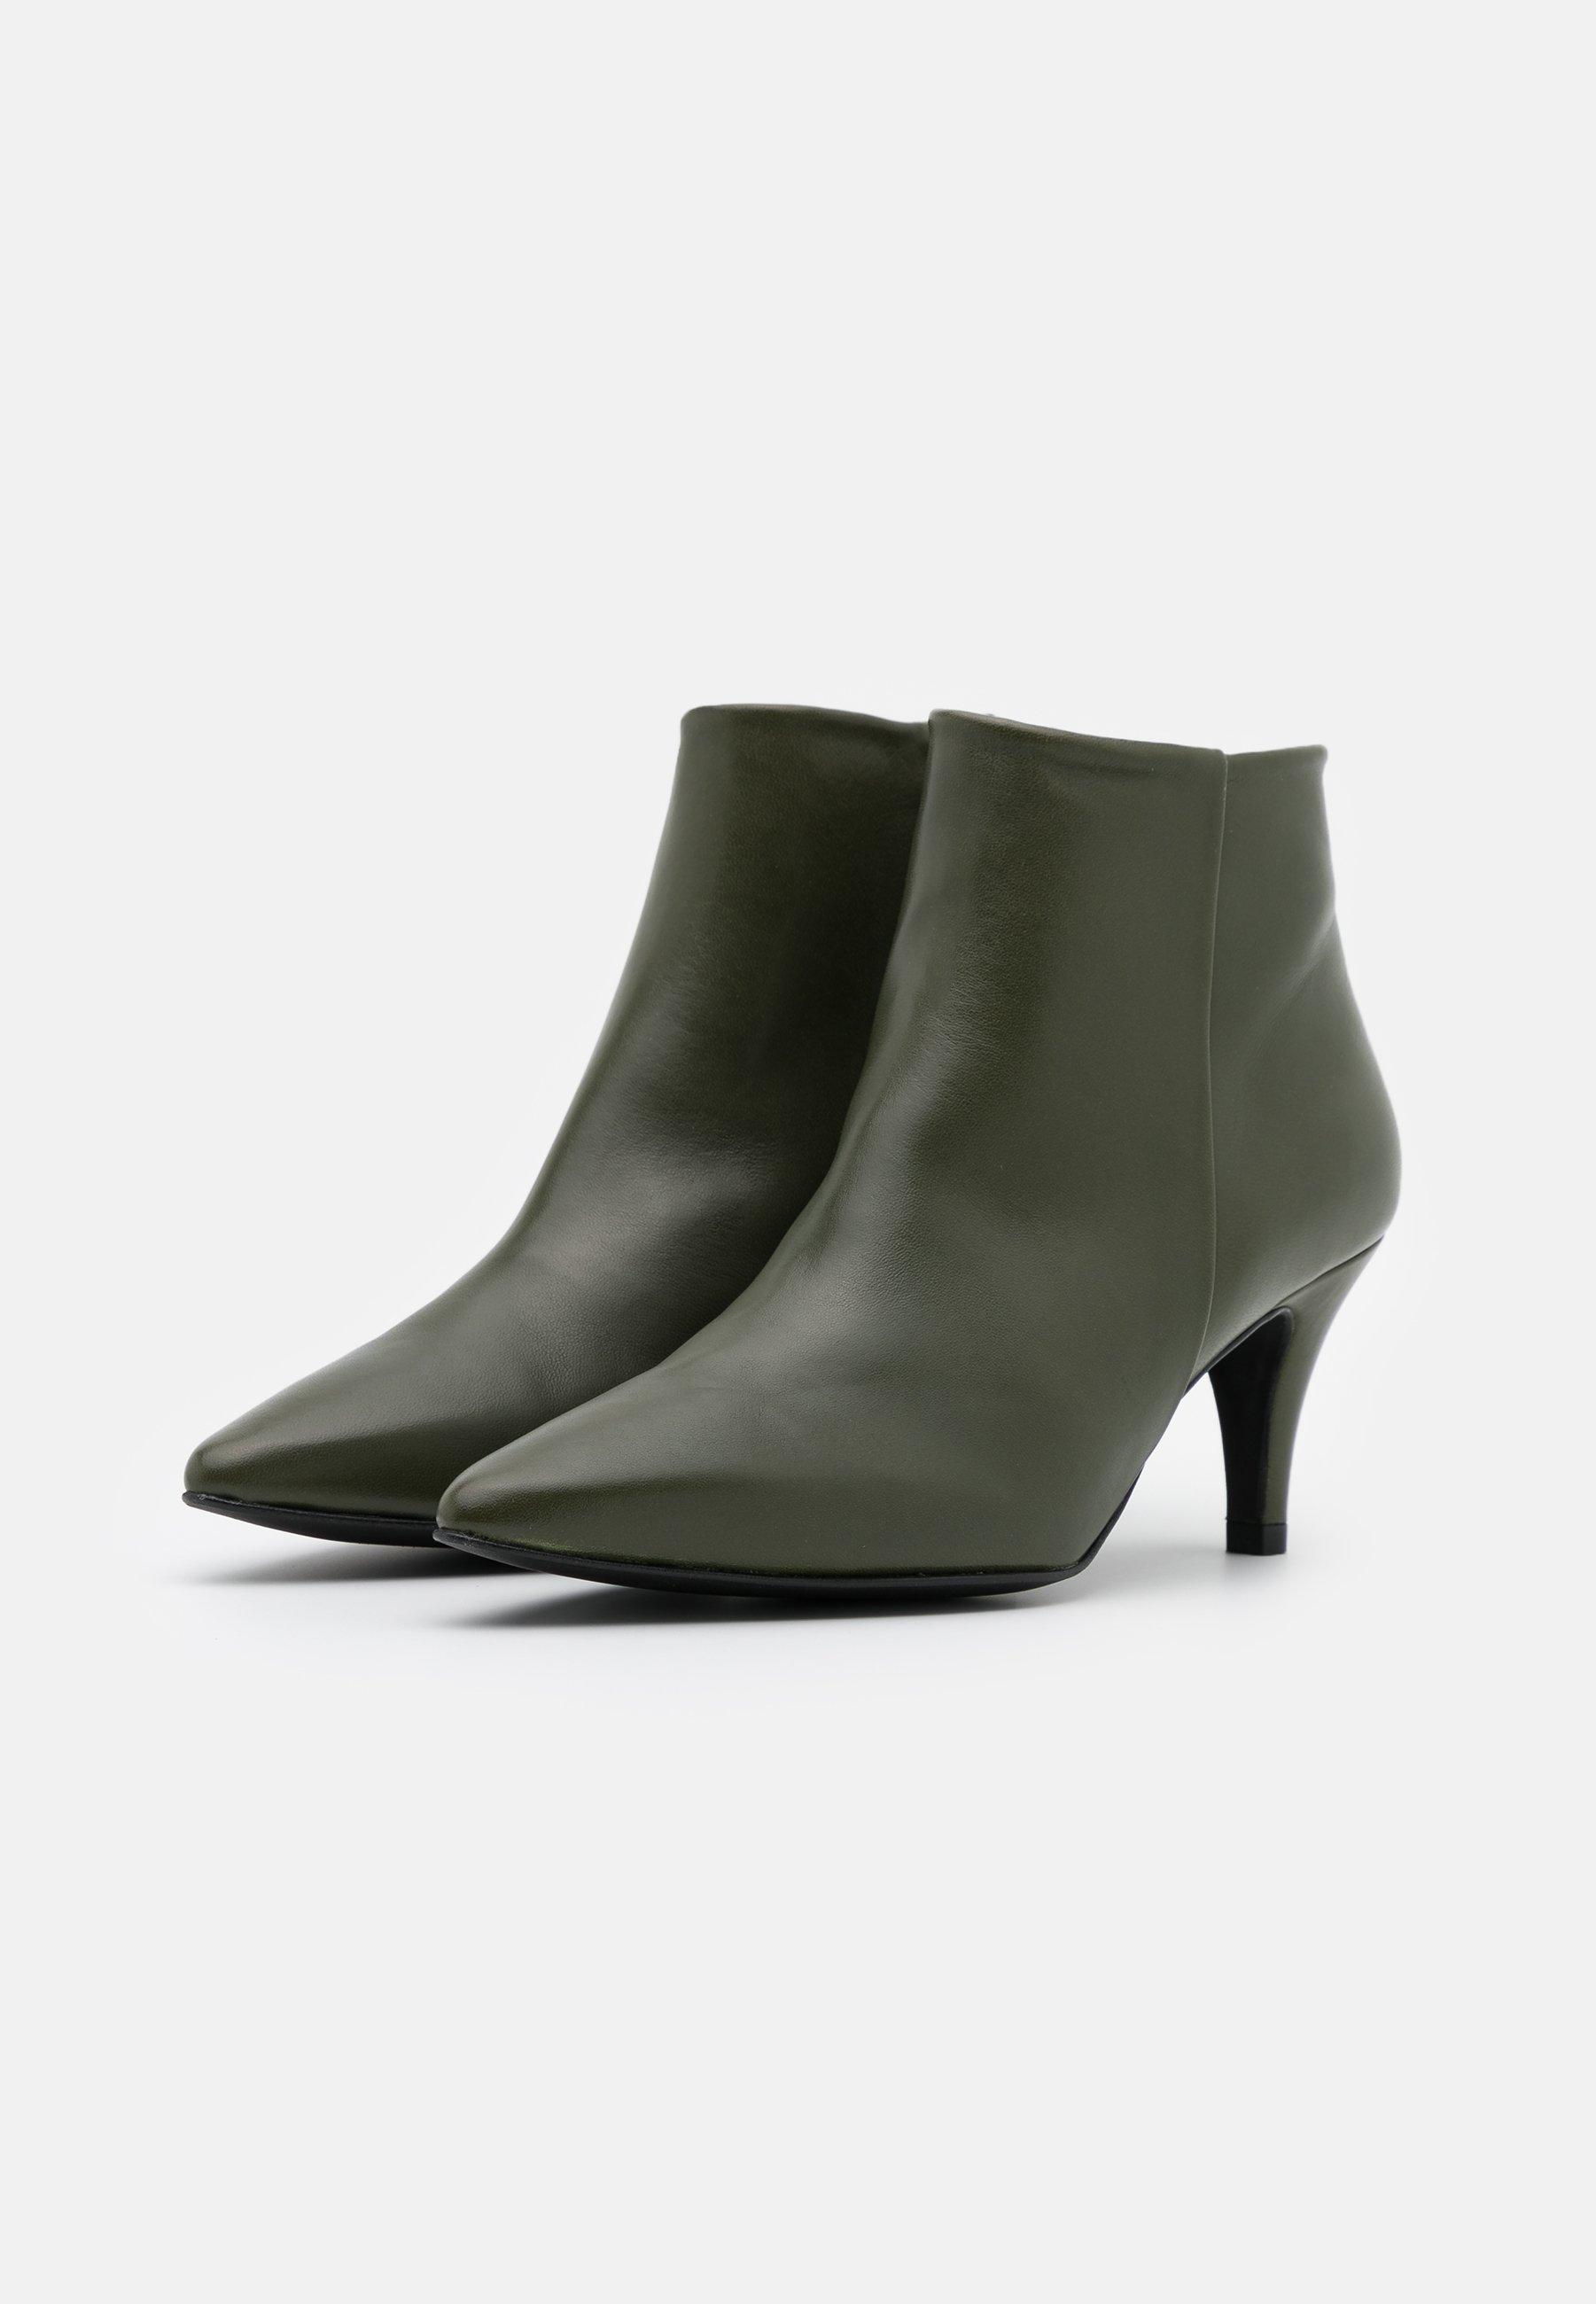 Brenda Zaro BENETTBO Ankle Boot kaki/oliv